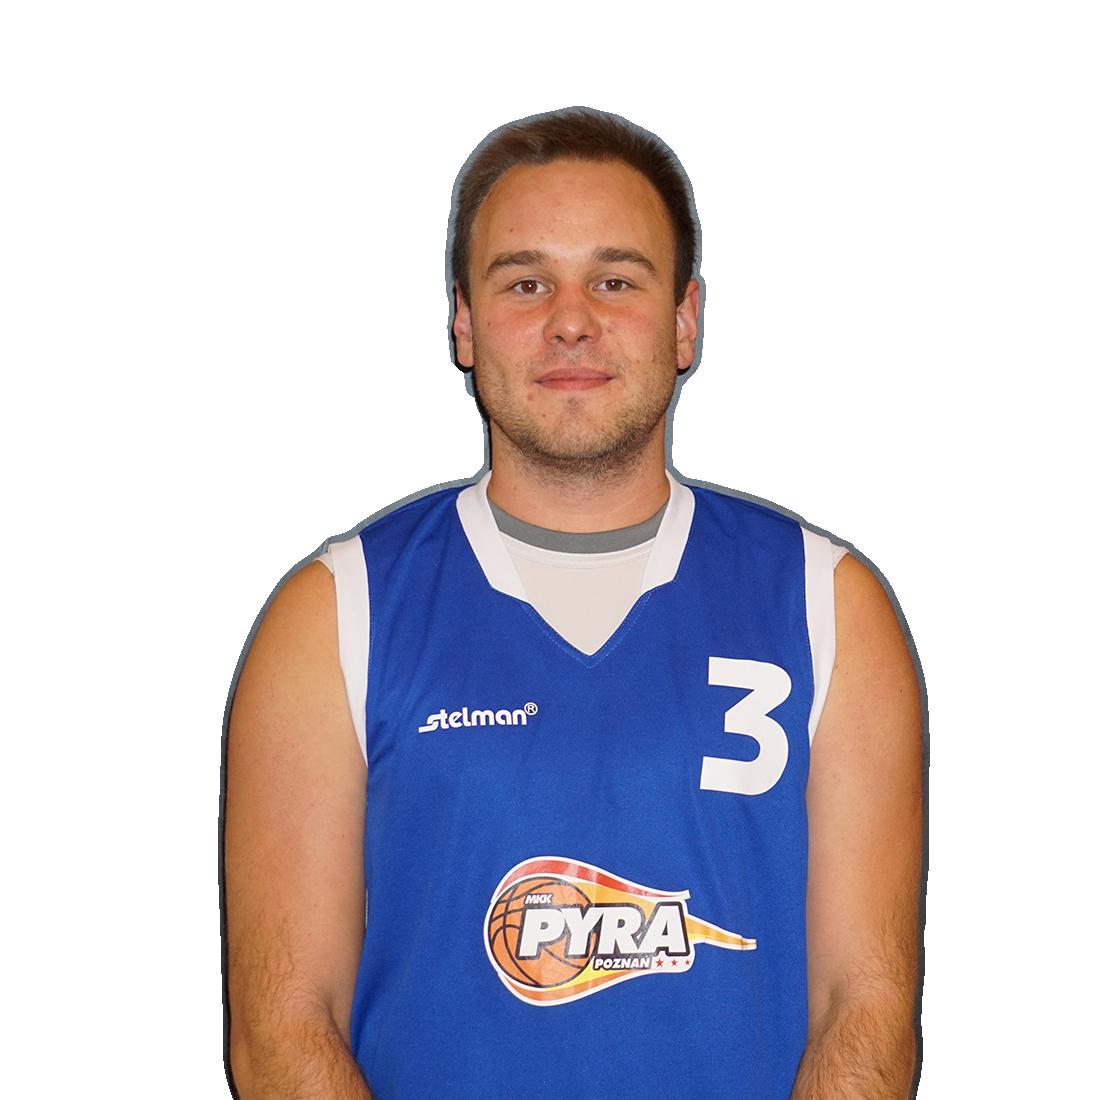 Mateusz Słodziński